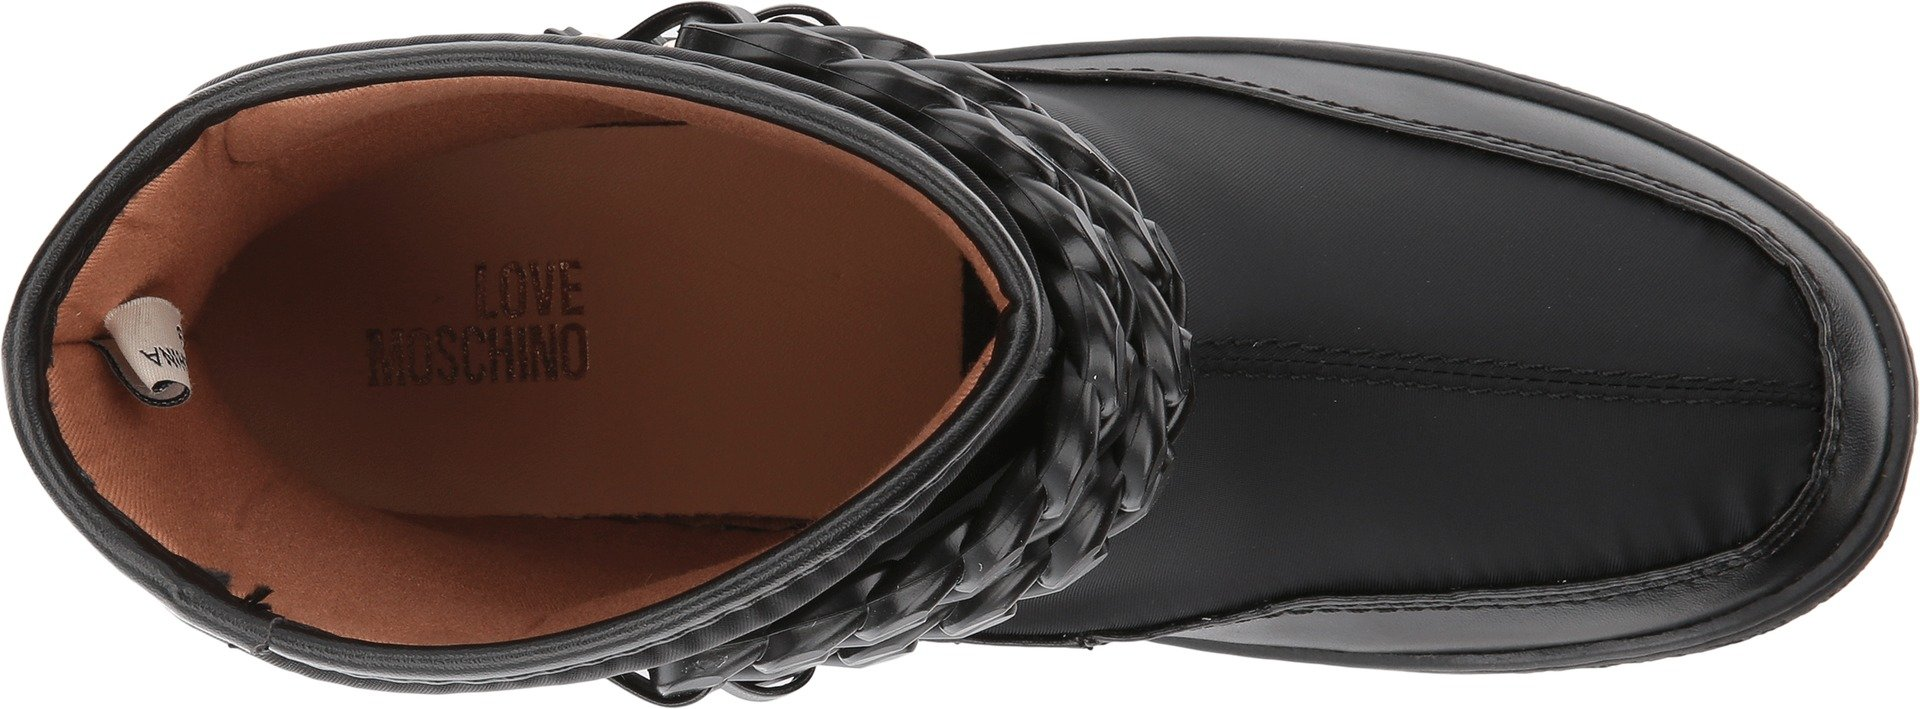 LOVE Moschino Women's Chain Winter Boot Black/Black Boot by Love Moschino (Image #2)